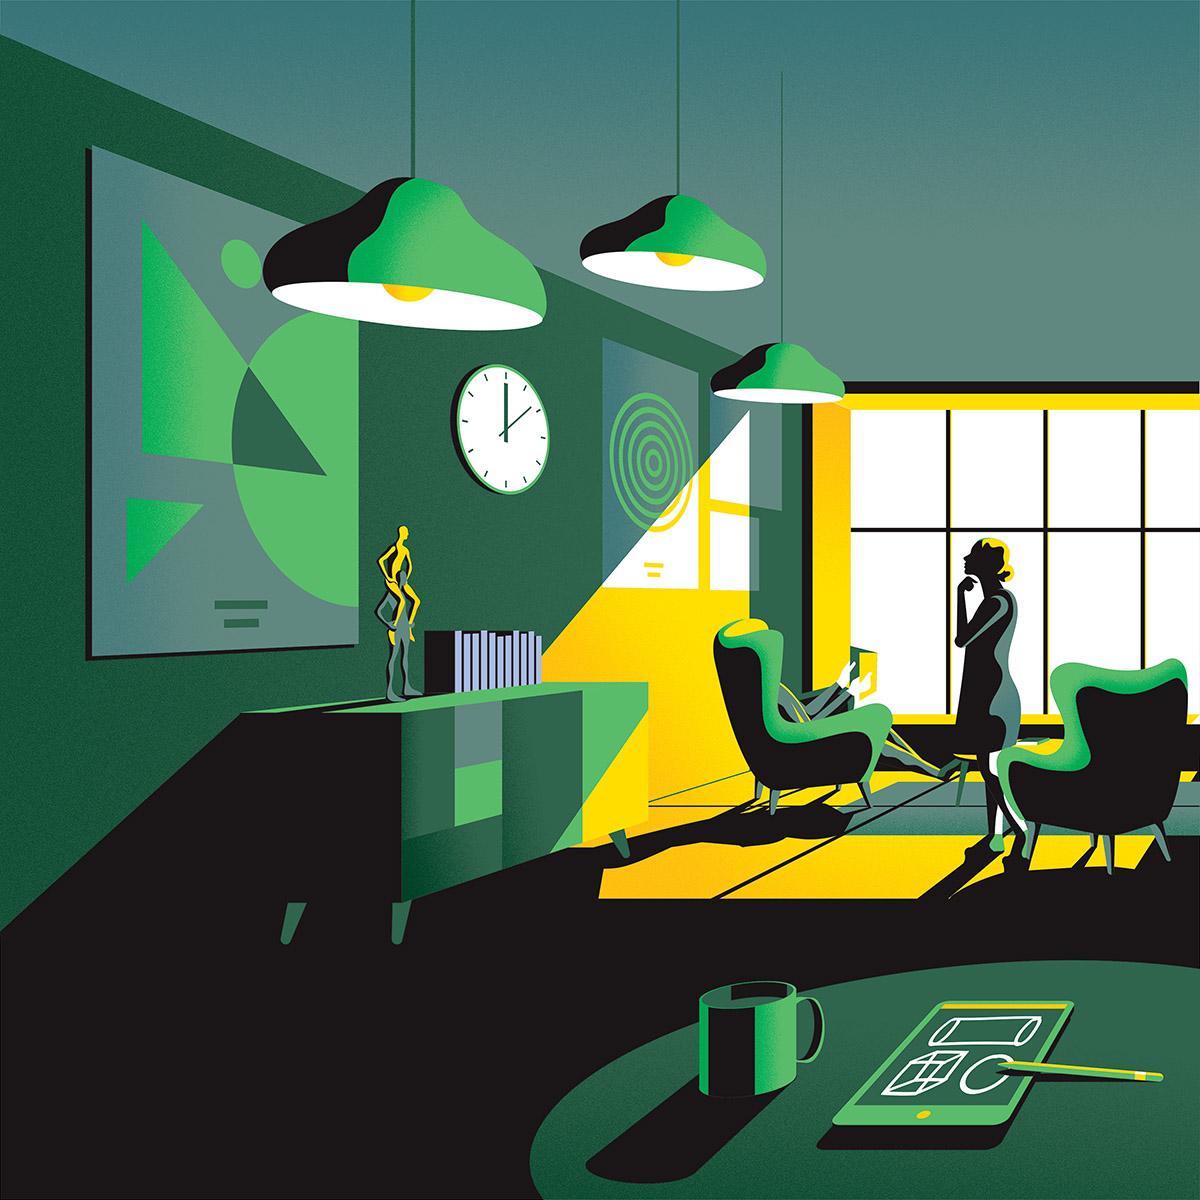 Jack Dalyu0027s U0027Essential Livingu0027 Illustrations